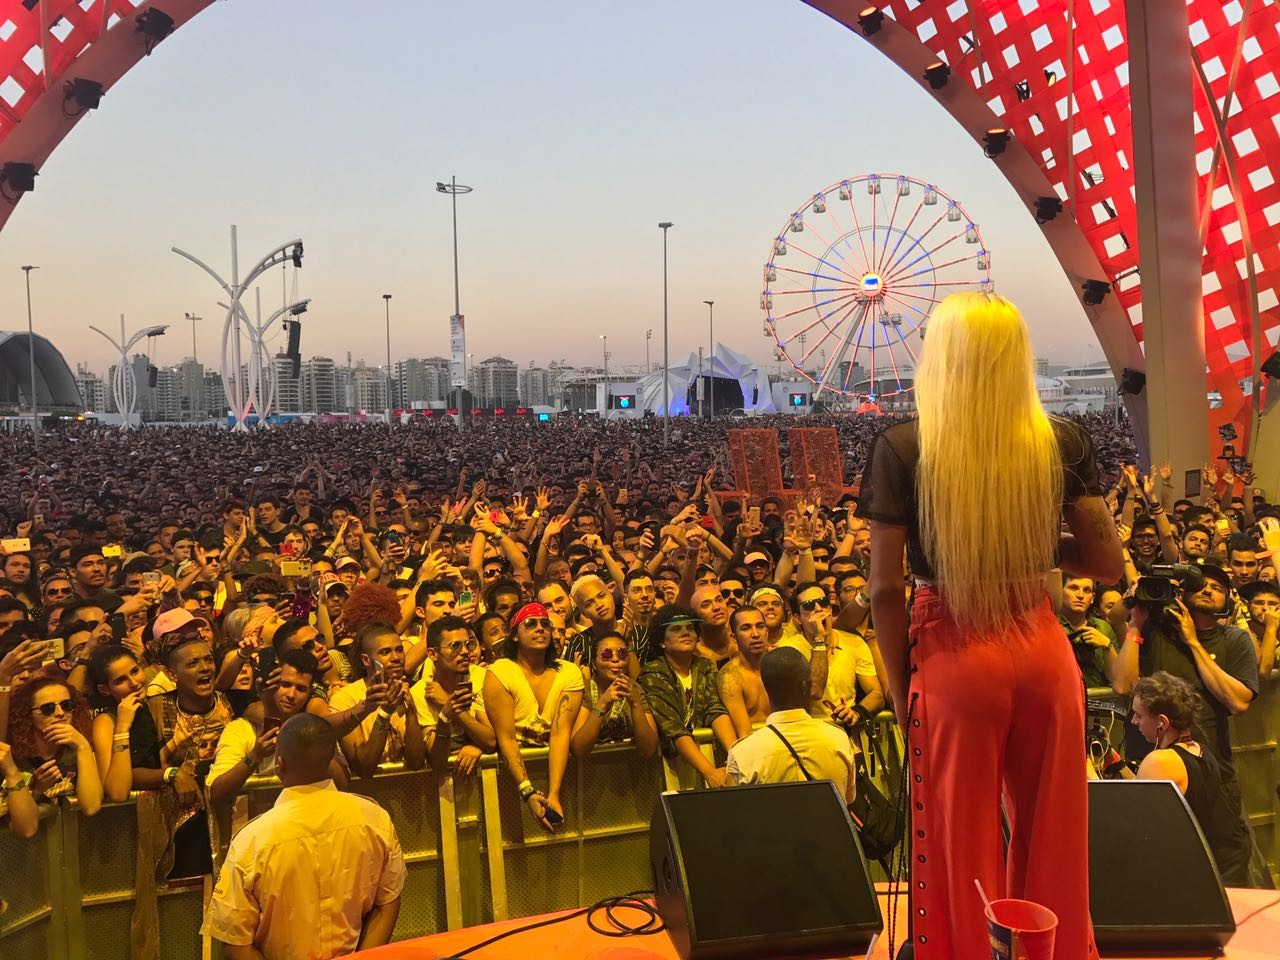 Pabllo Vittar junta multido no Rock in Rio 2017 (Foto: Reproduo)